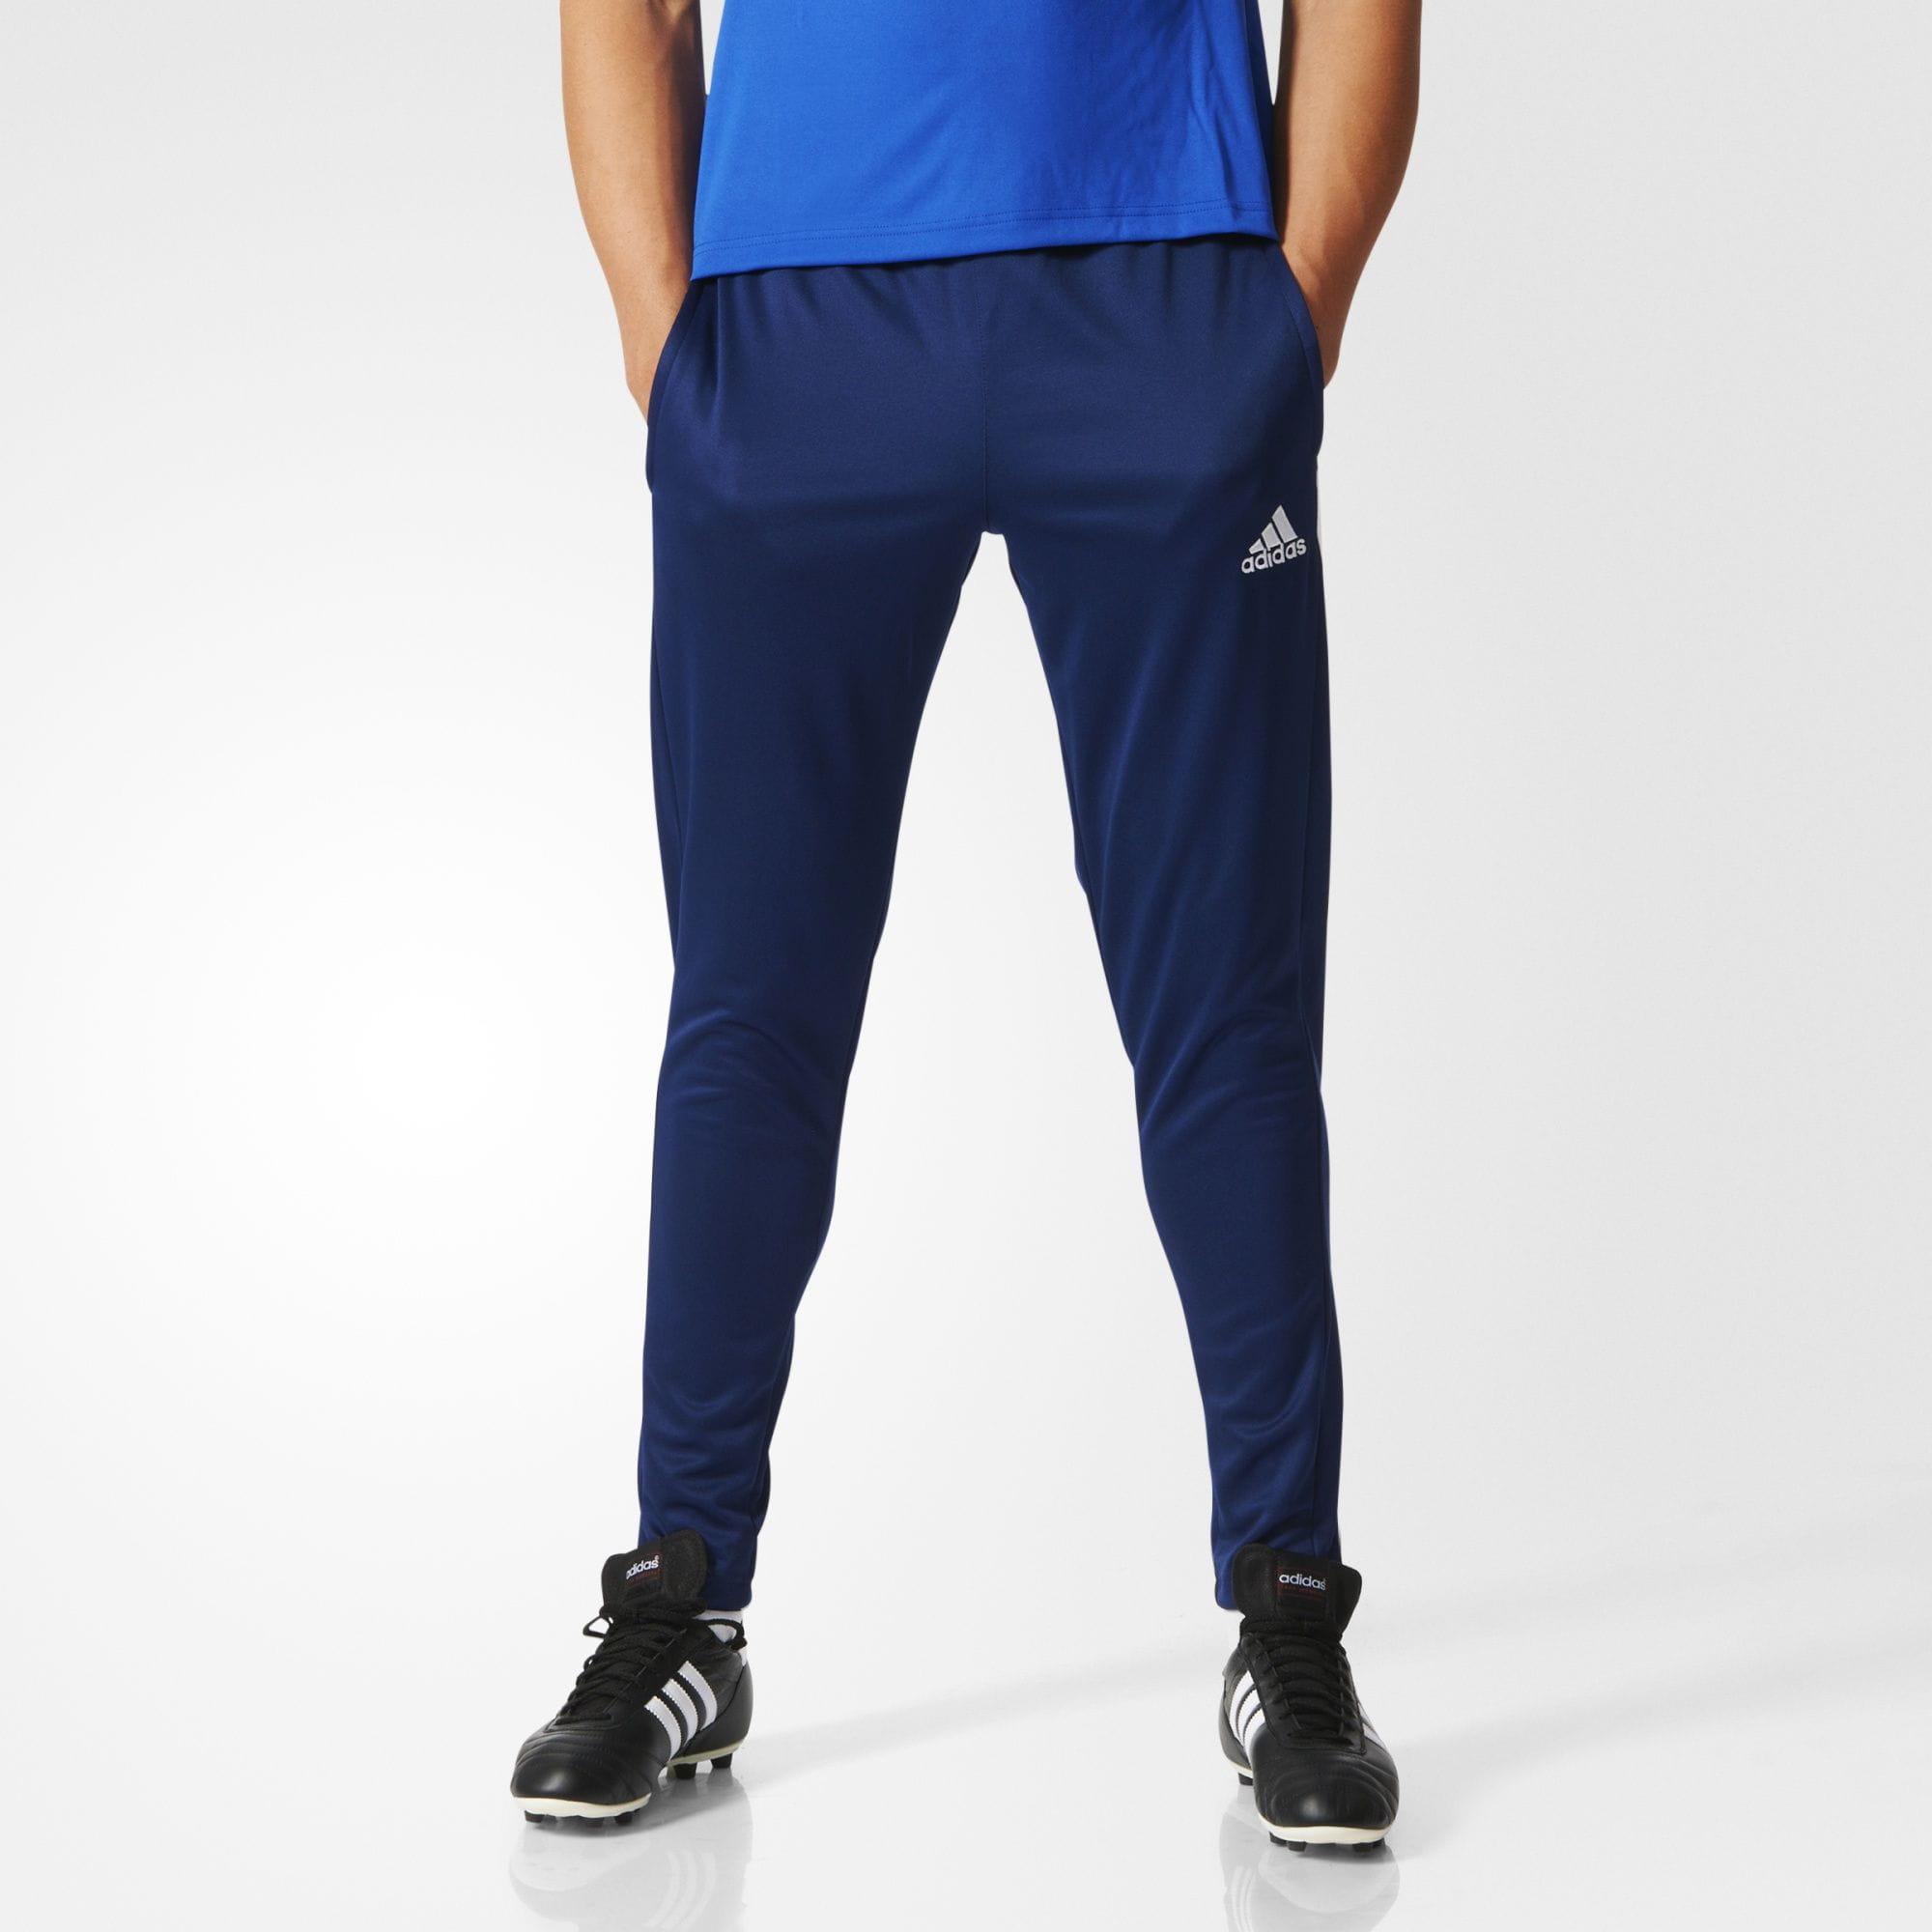 97696008d3e3 Spodnie treningowe Adidas Sereno 14 Didosport